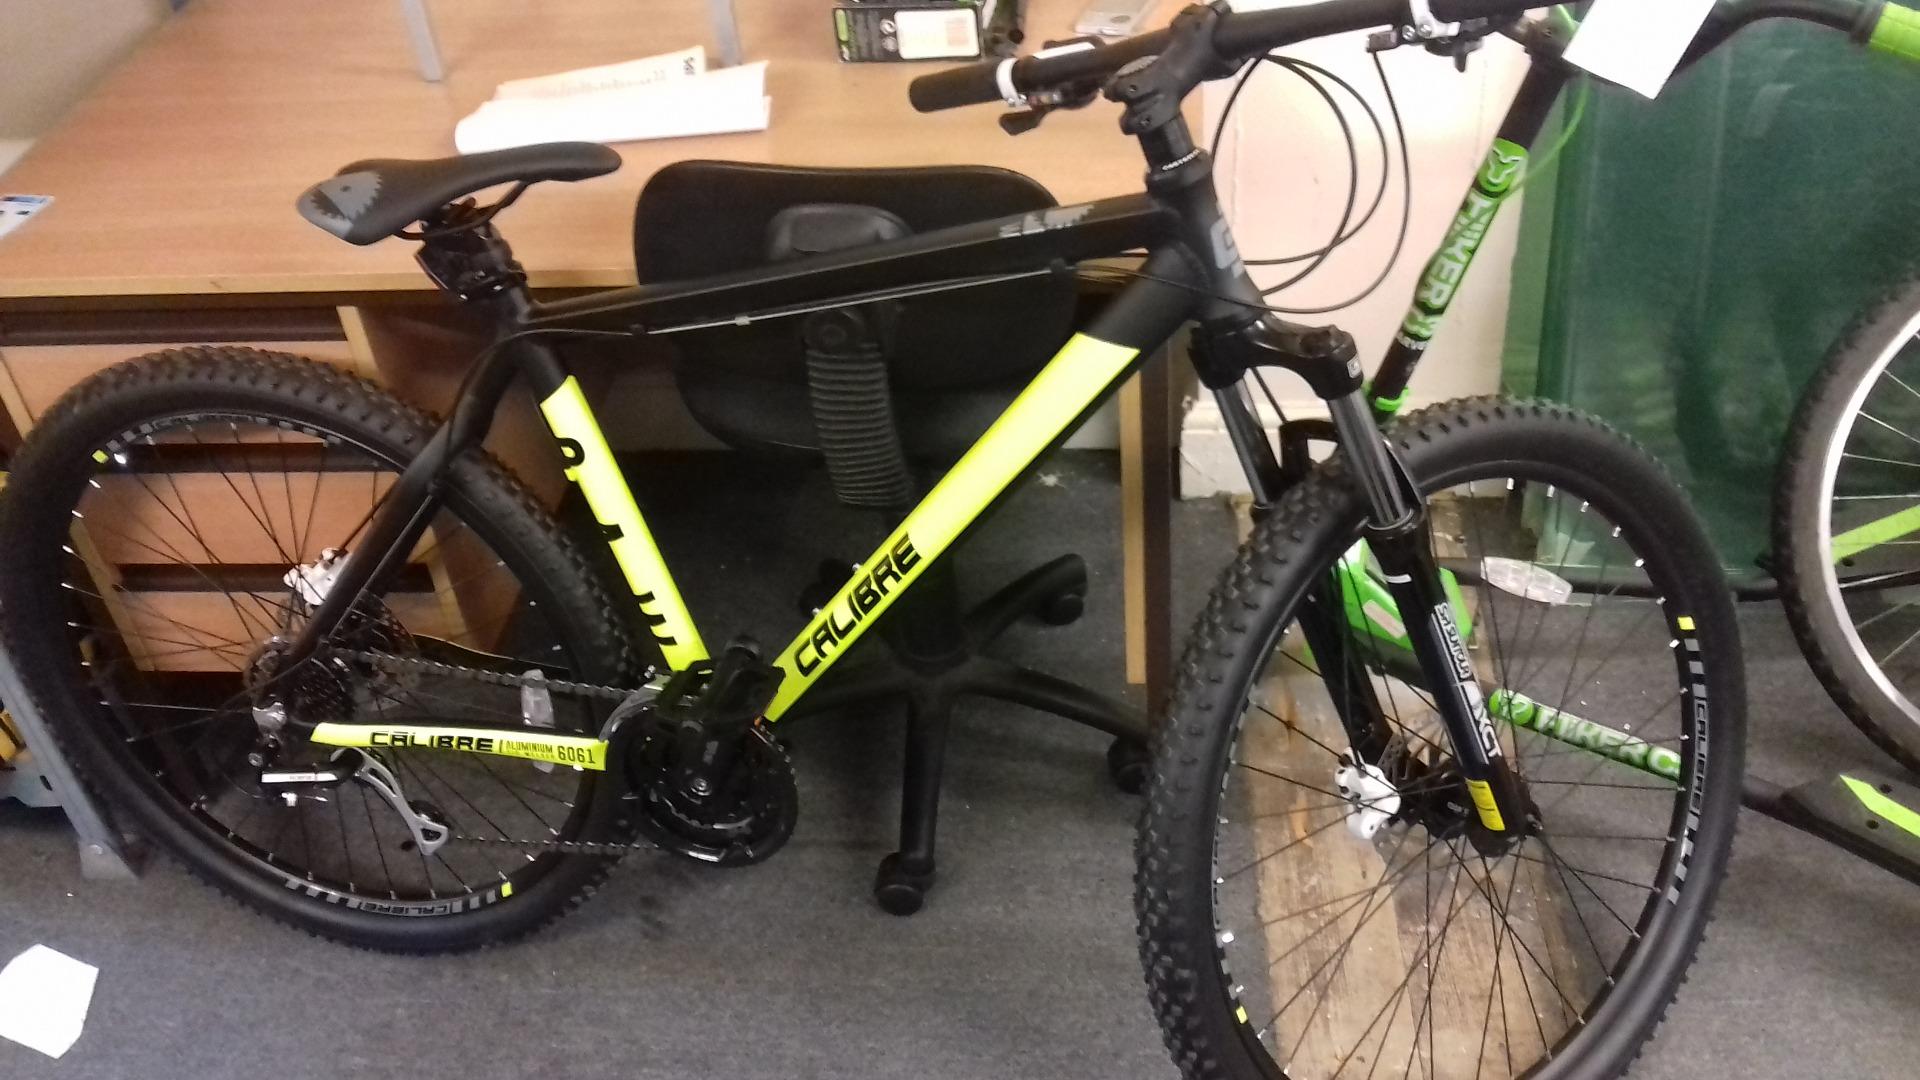 e554205aa57 Recently Stolen Bikes